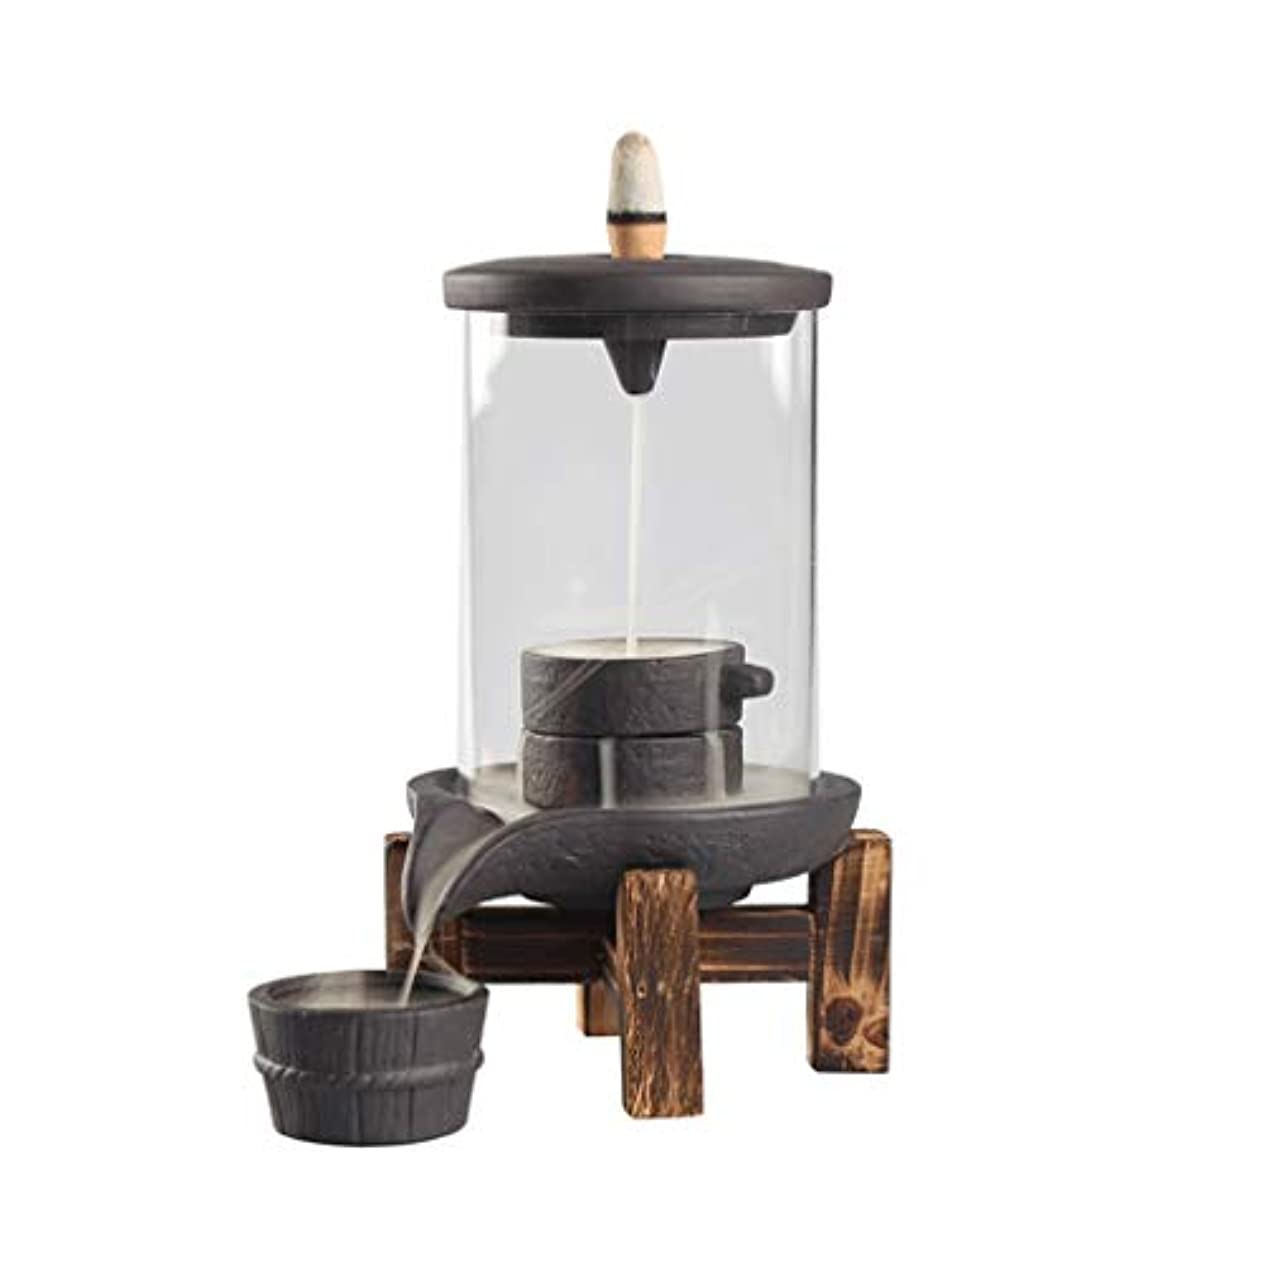 鋭くモッキンバード列挙する逆流ガラス香のホールダー縦の寒天の陶磁器の香バーナーの儀式空気浄化の香の床の香のホールダー (Color : Black, サイズ : 3.74*6.7INCHS)